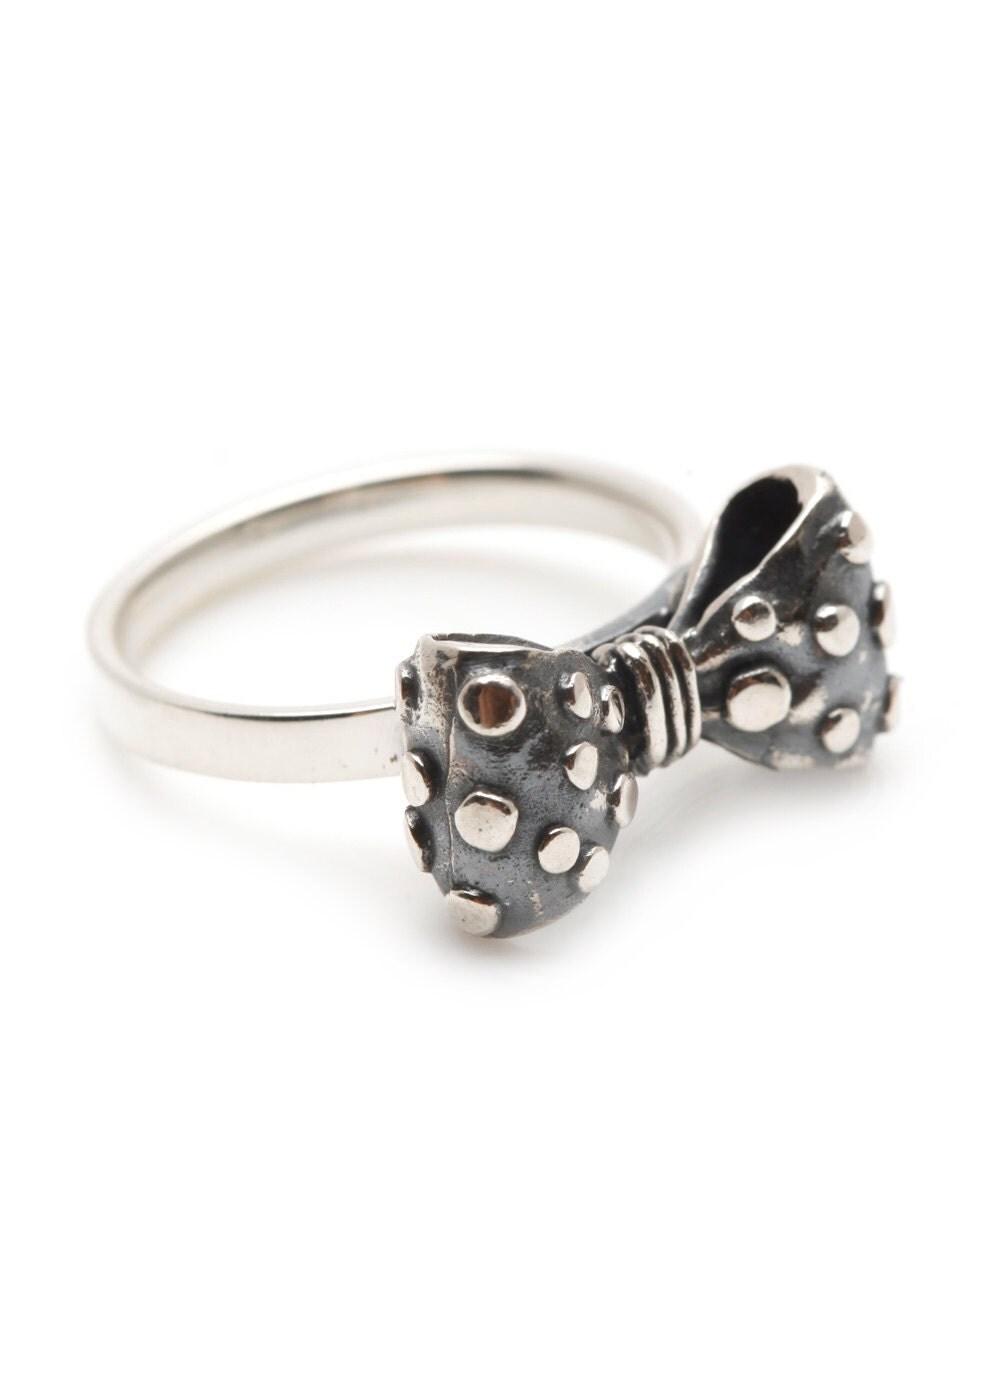 Ring Bow Il Gioiello Personalizzabile Con La Tua Nailart: Silver Bow Ring Oxidized Polka Dot Sterling By